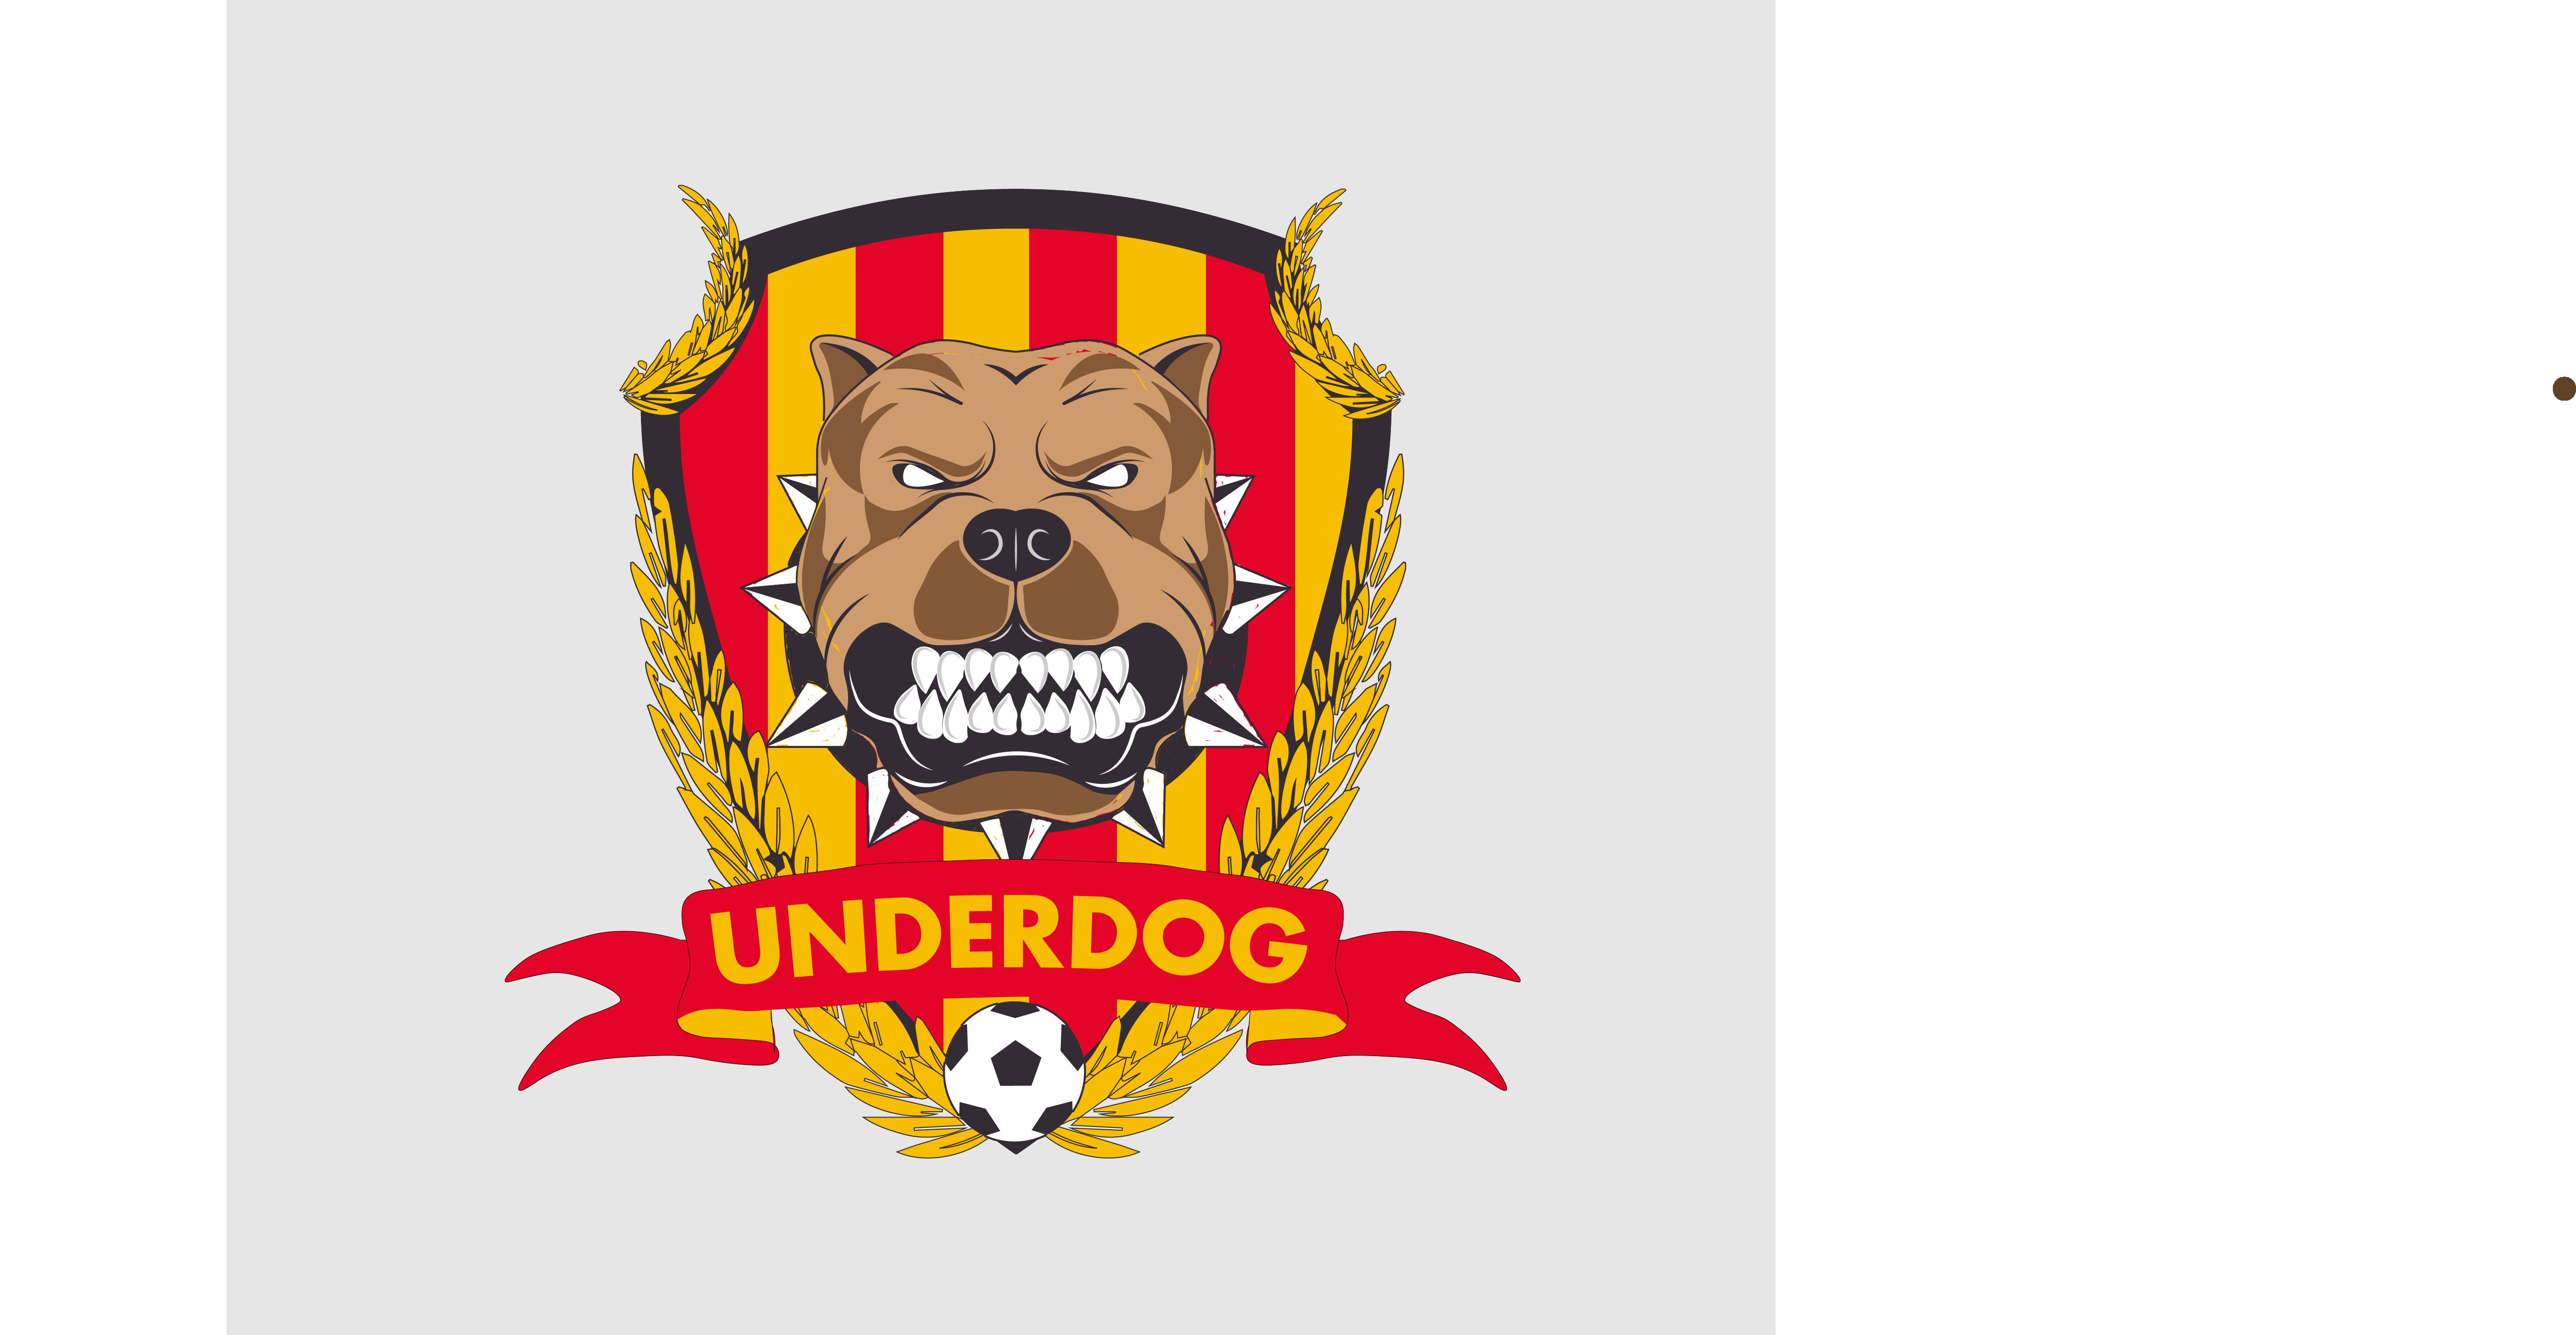 Футбольный клуб UNDERDOG - разработать фирстиль и бренд-бук фото f_5045cb3e32ea998c.png